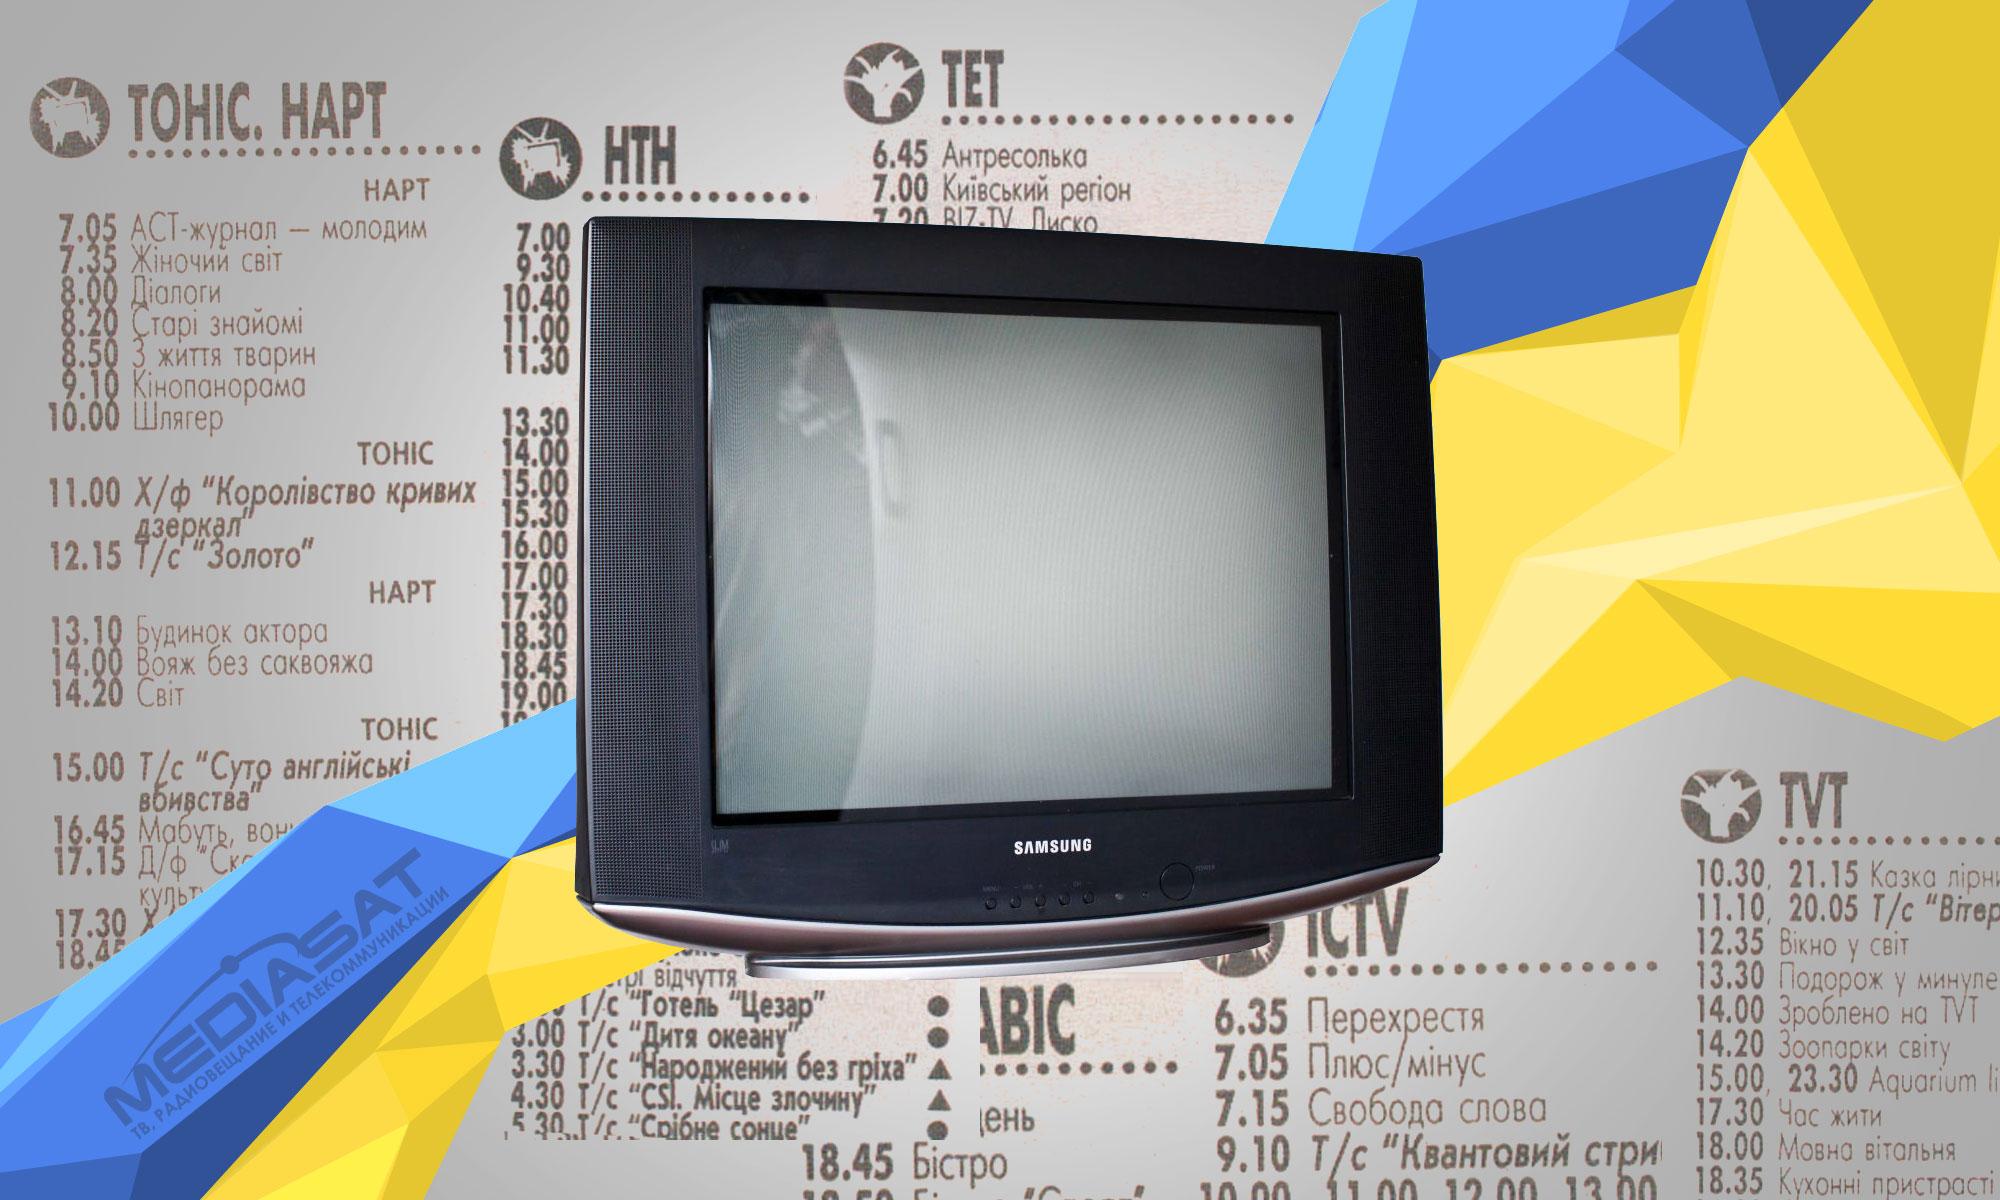 эротические телепередачи на украинском тв